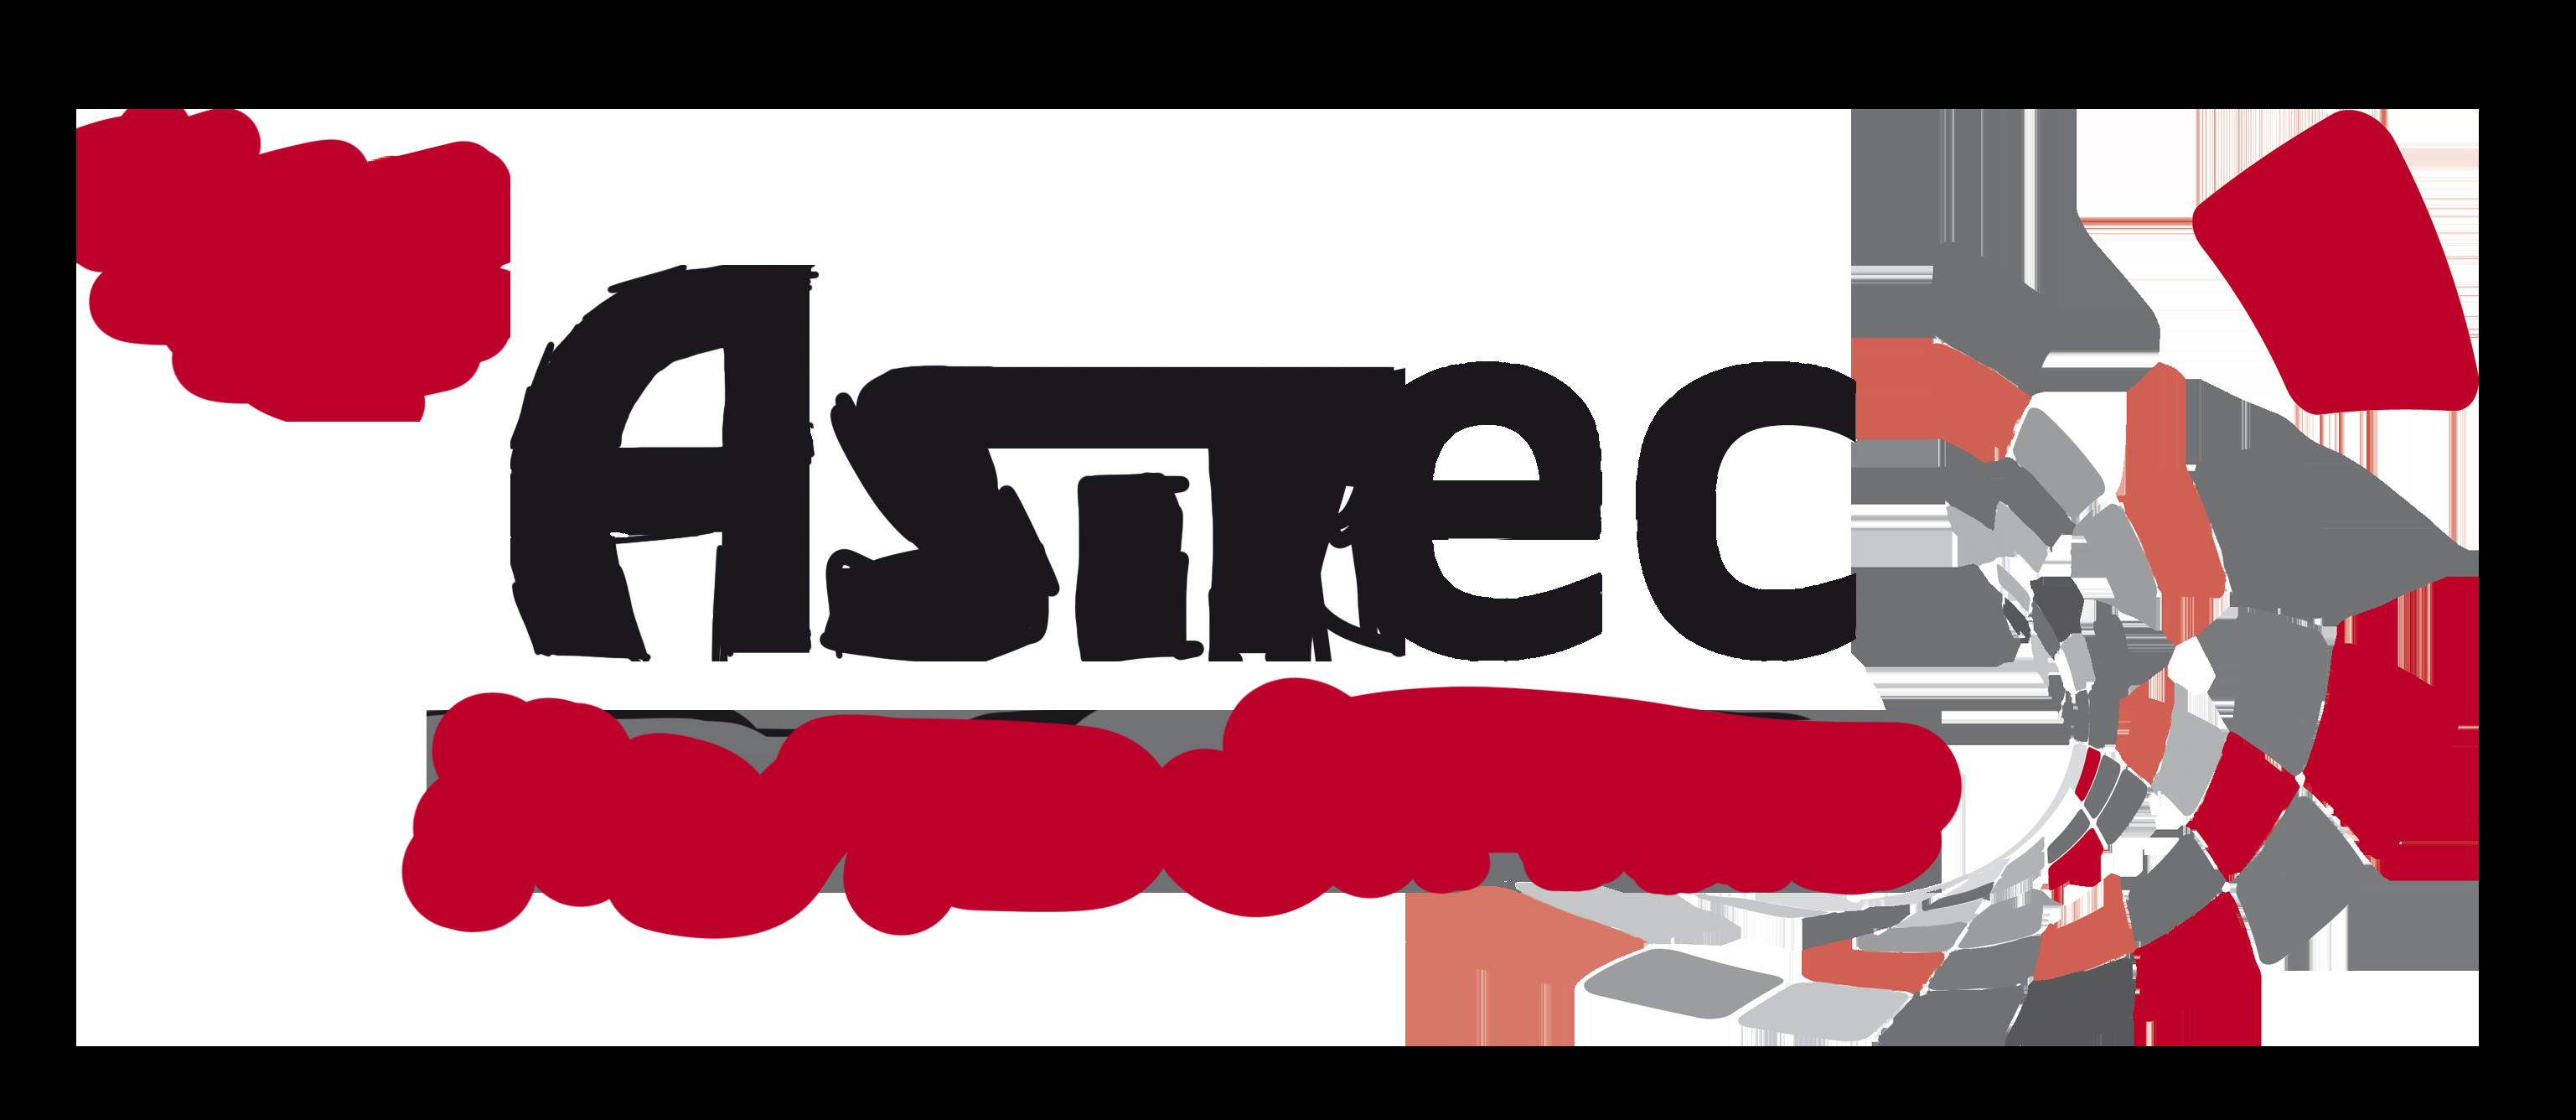 Asitec-Formálitas